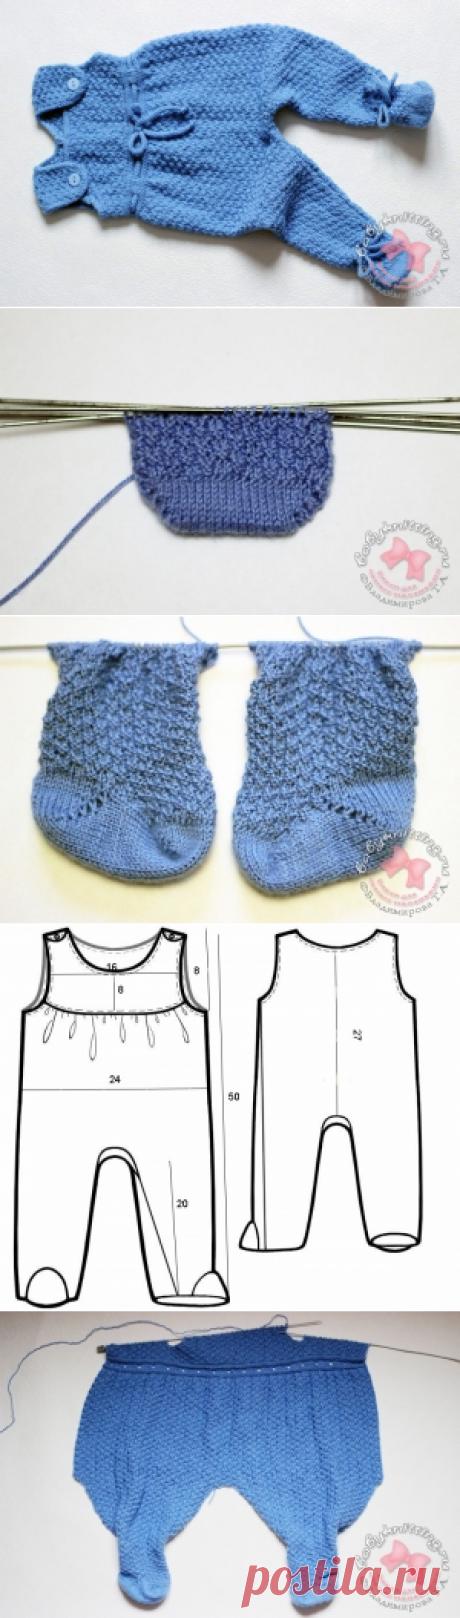 Комплект для новорожденного малыша спицами (часть 1- ползунки)   Вяжем для самых маленьких! Дневник вязания Владимировой Татьяны.